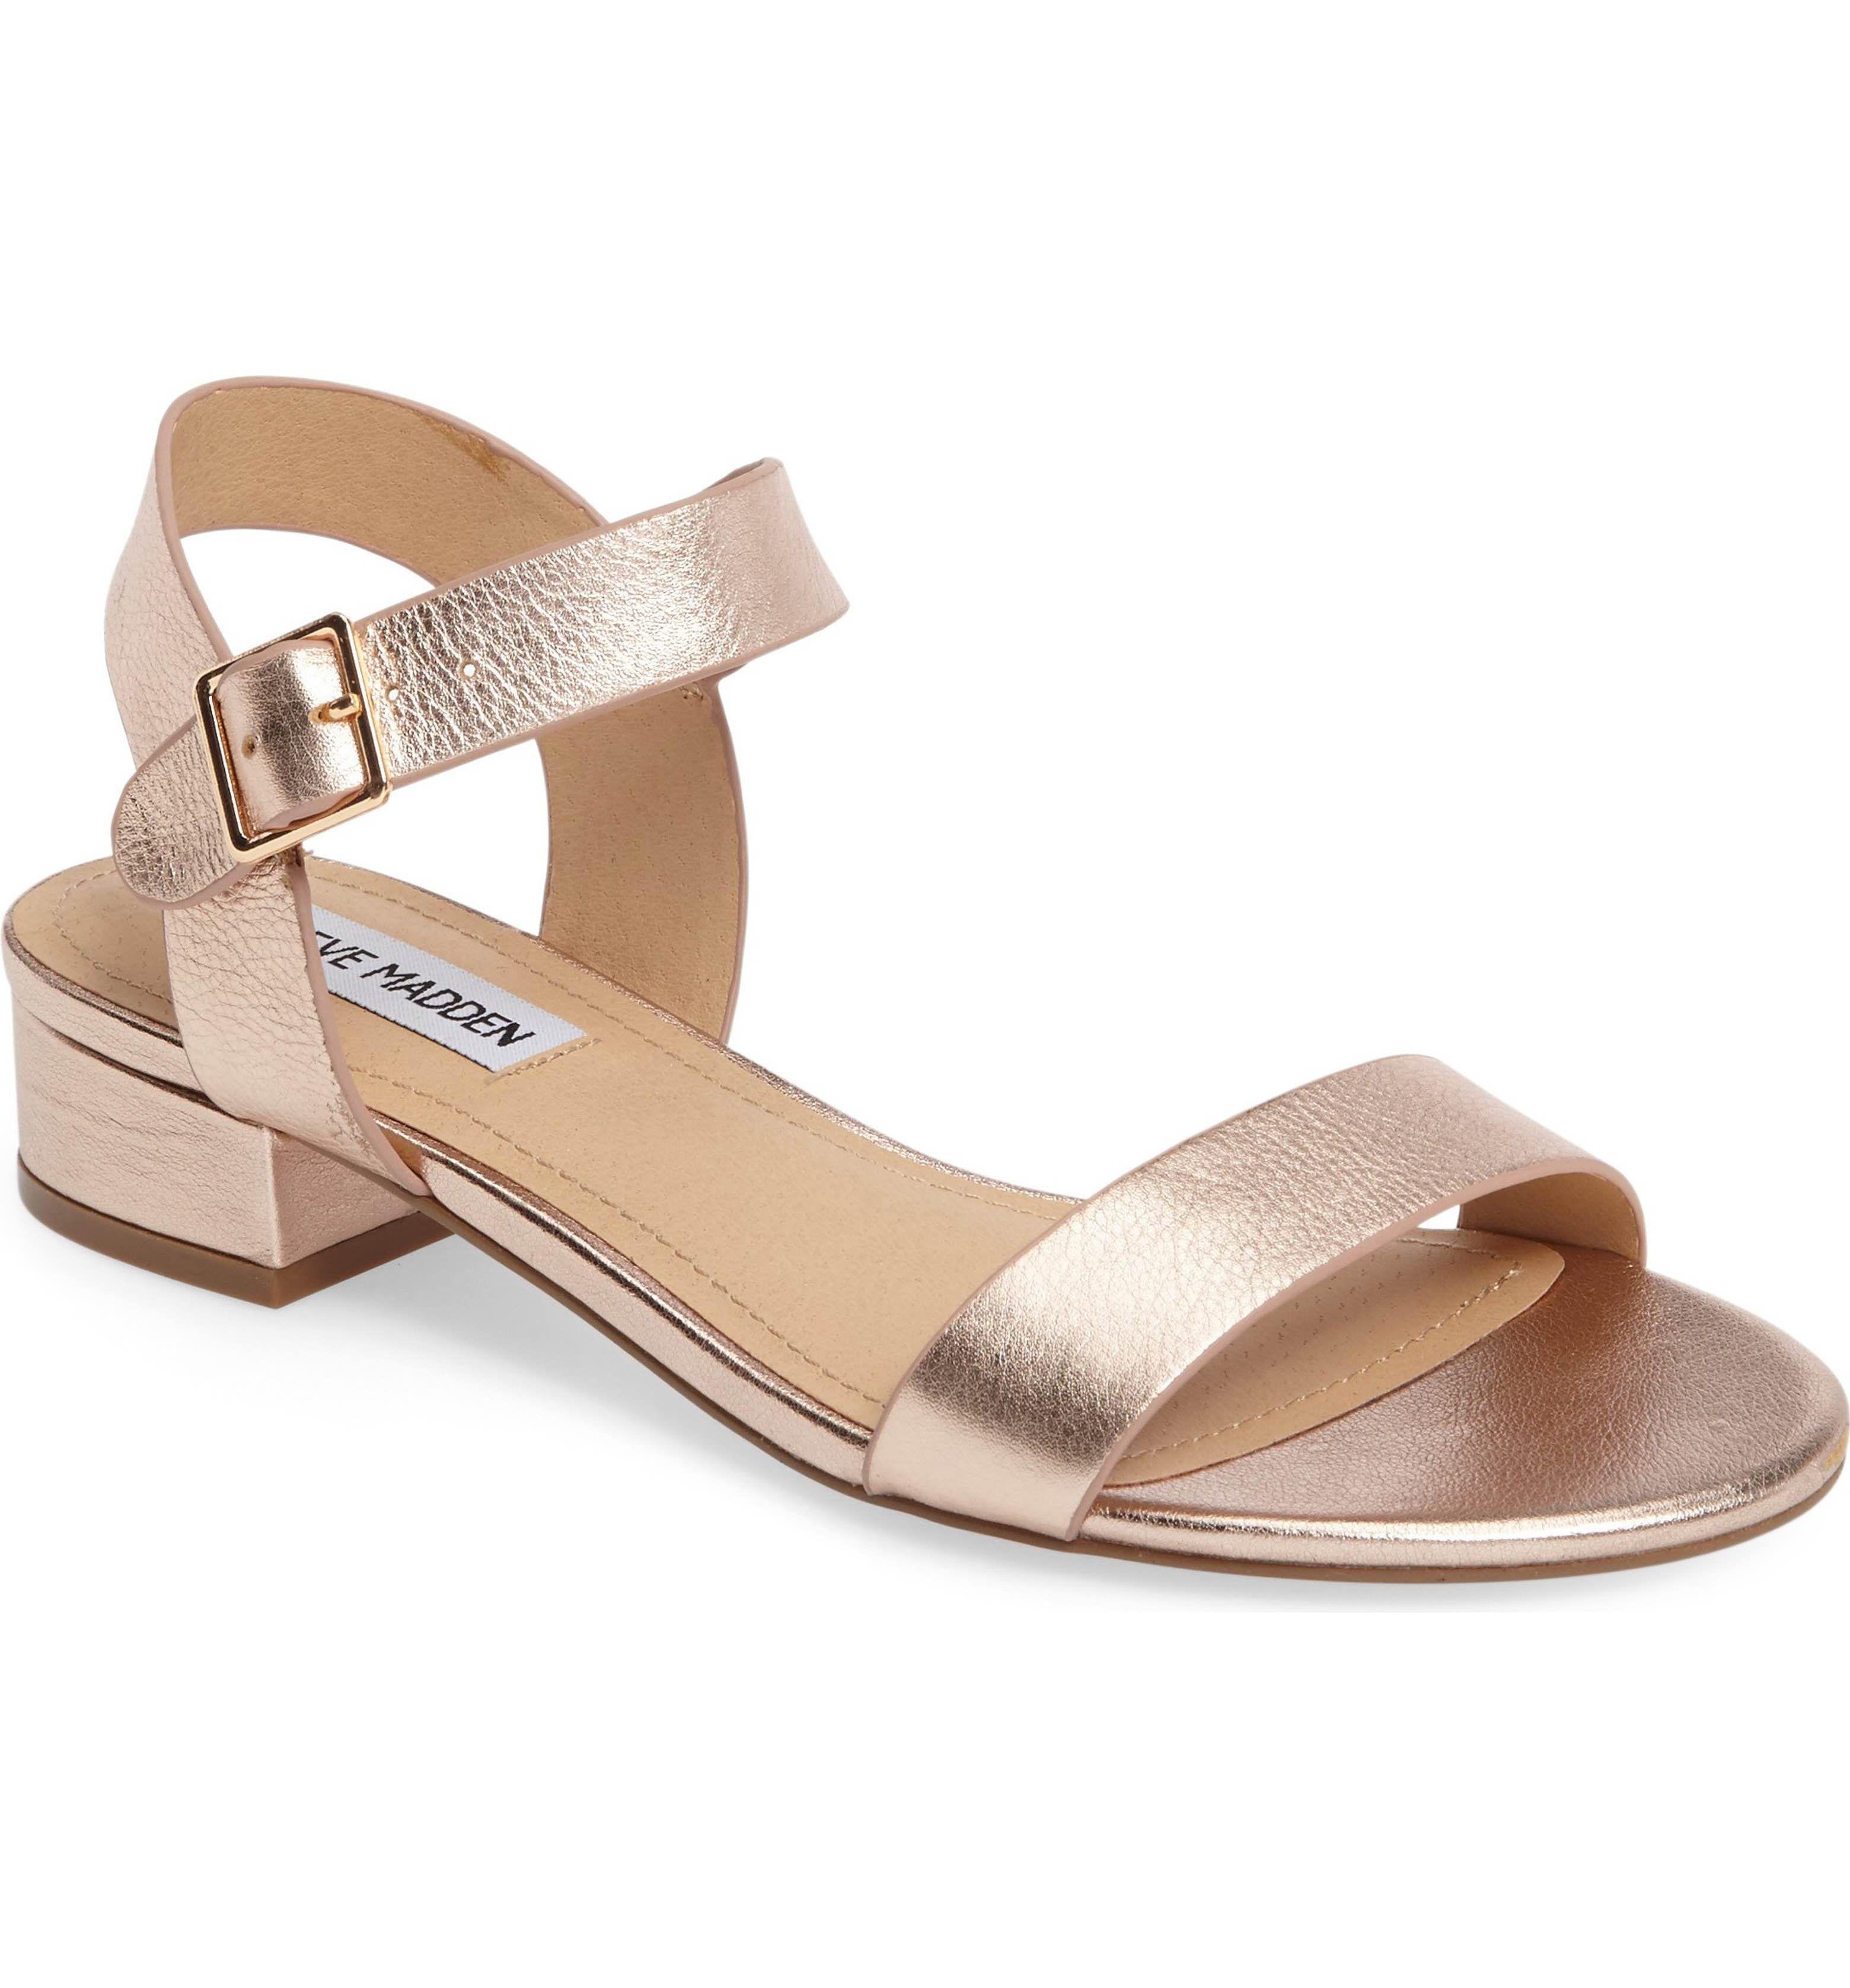 latitud Picotear Presentar  Steve Madden Cache Sandal (Women)   Nordstrom   Rose gold sandals, Gold  leather sandals, Nordstrom heels